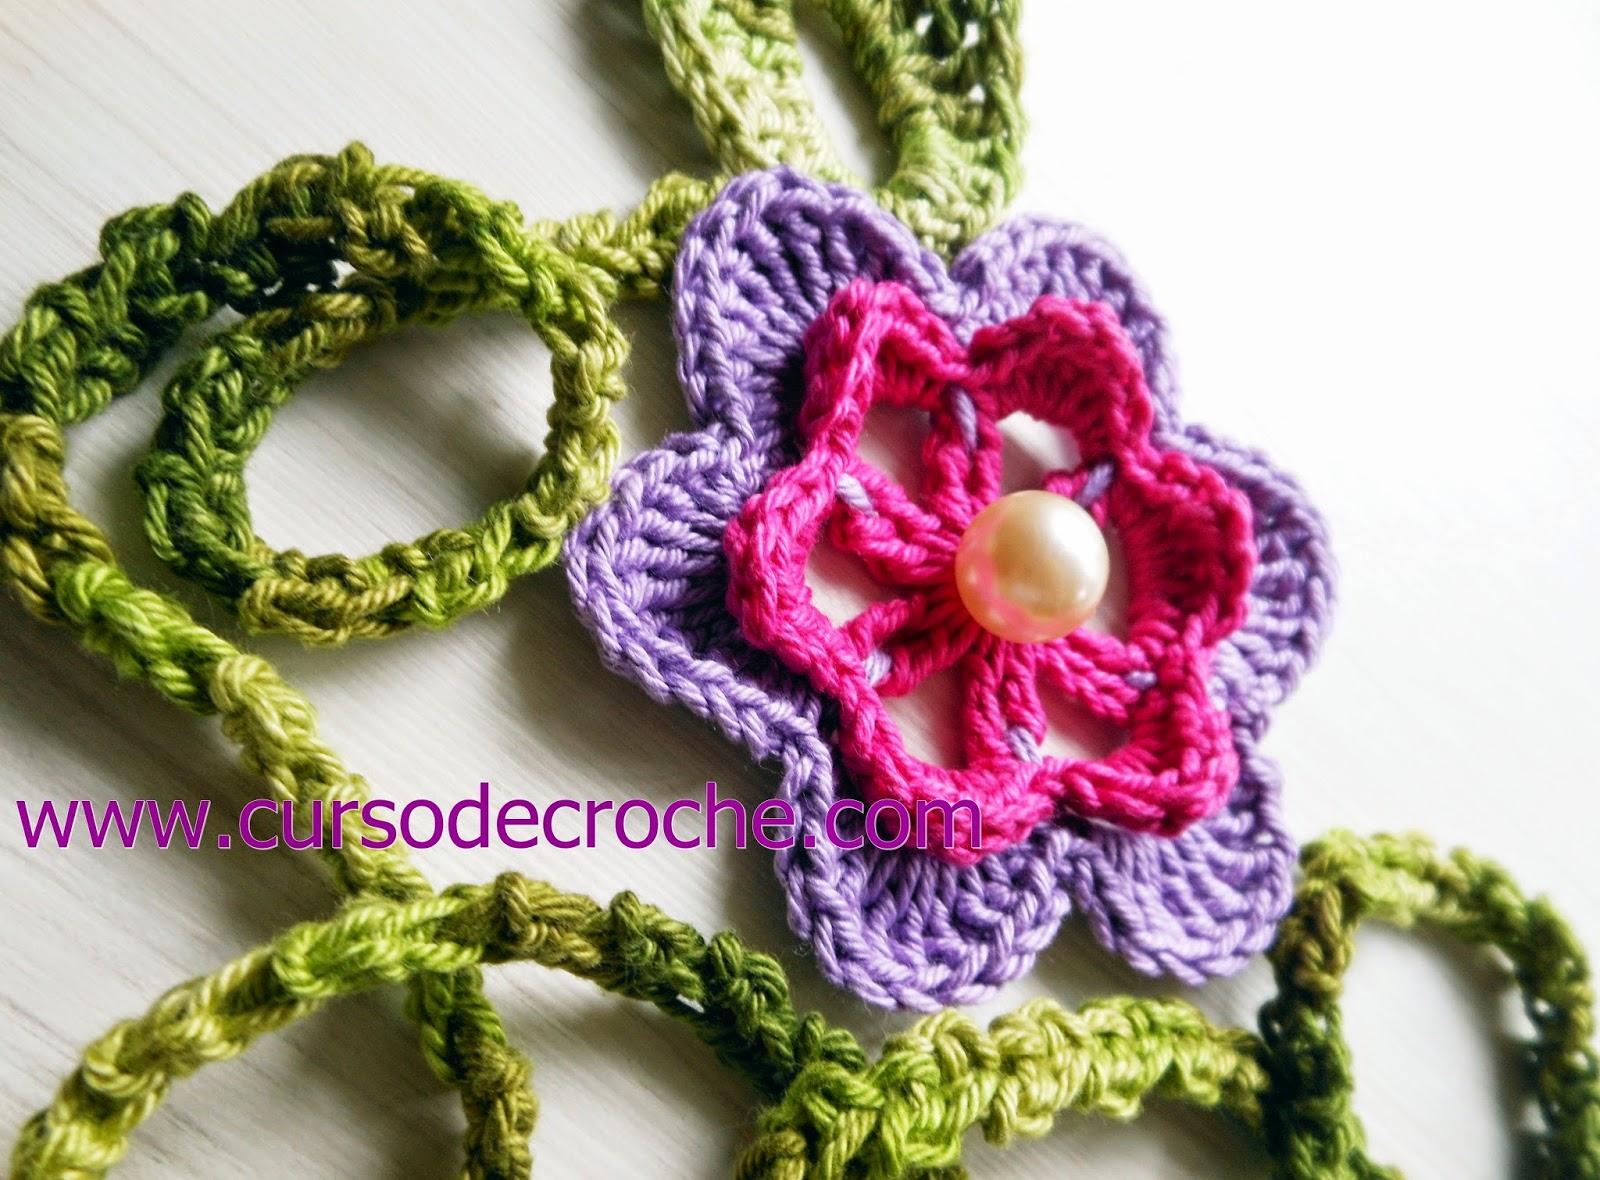 dvd flores 5 volumes com frete gratis na loja curso de croche com Edinir-Croche